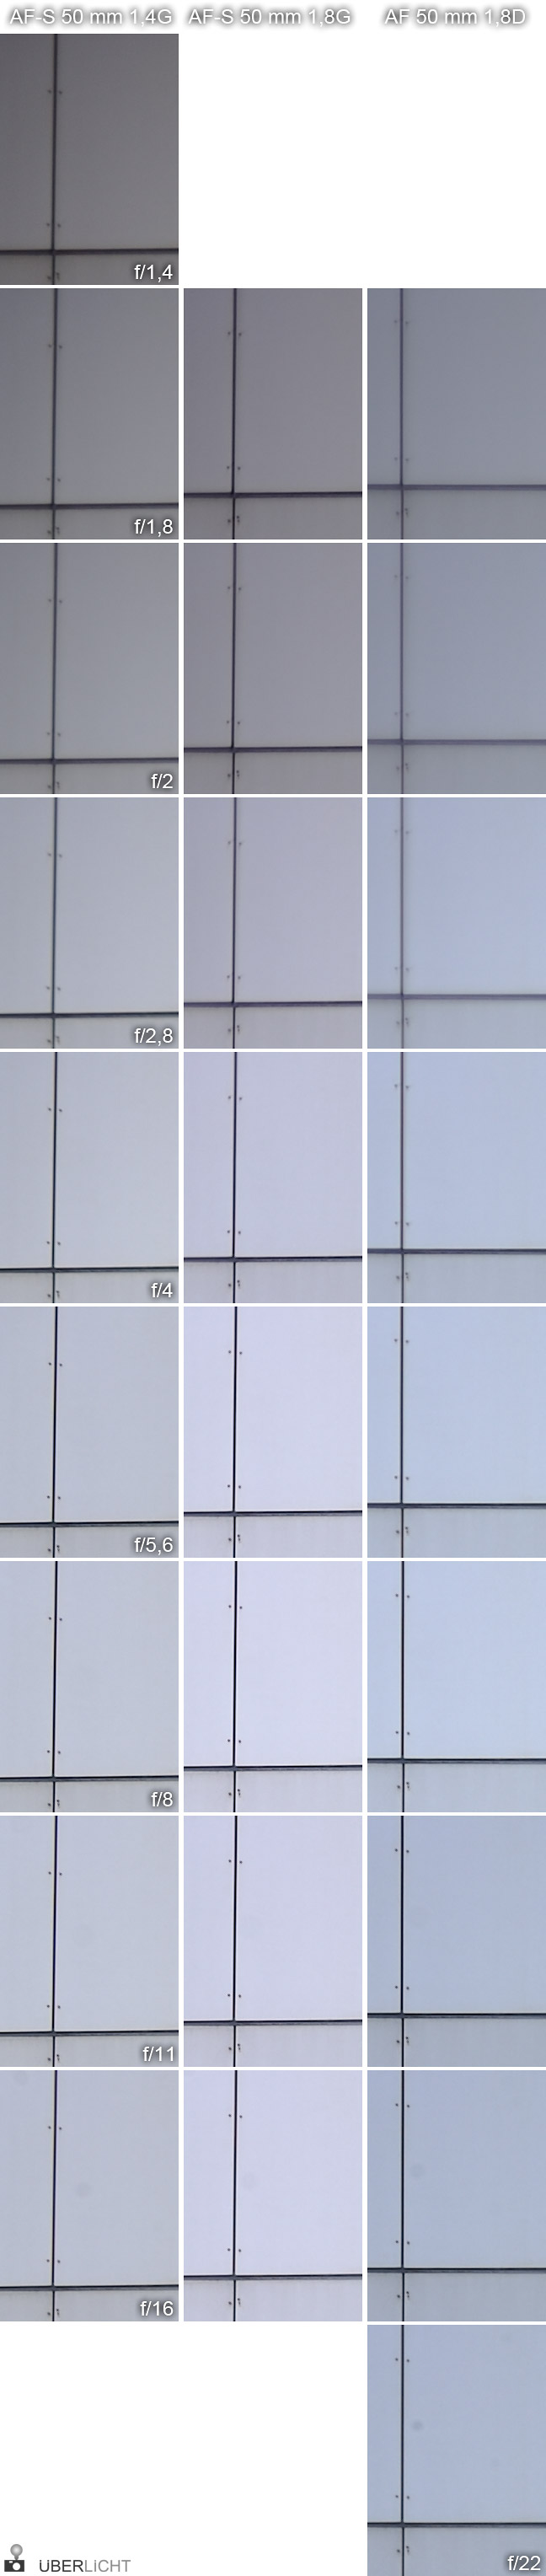 Nikon AF Nikkor 50 D700 FX Vergleich Randschaerfe